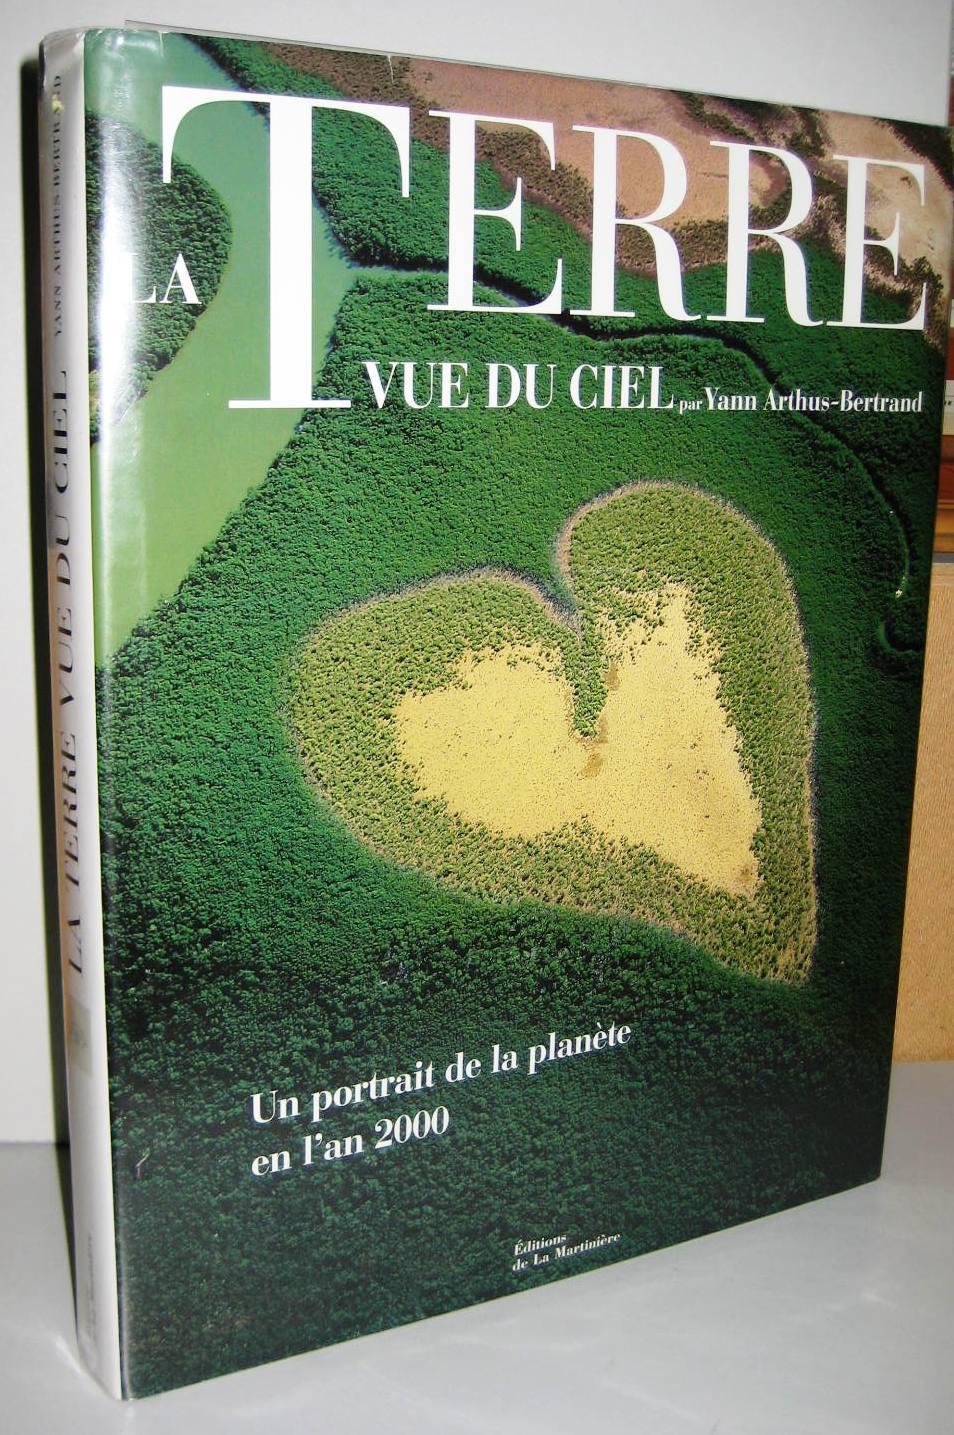 La Terre Vue Du Ciel Couverture : terre, couverture, TERRE, CIEL,, Portrait, Planete, 2000., ARTHUS-BERTRAND, YANN:, Couverture, Rigide, (1999), Librairie